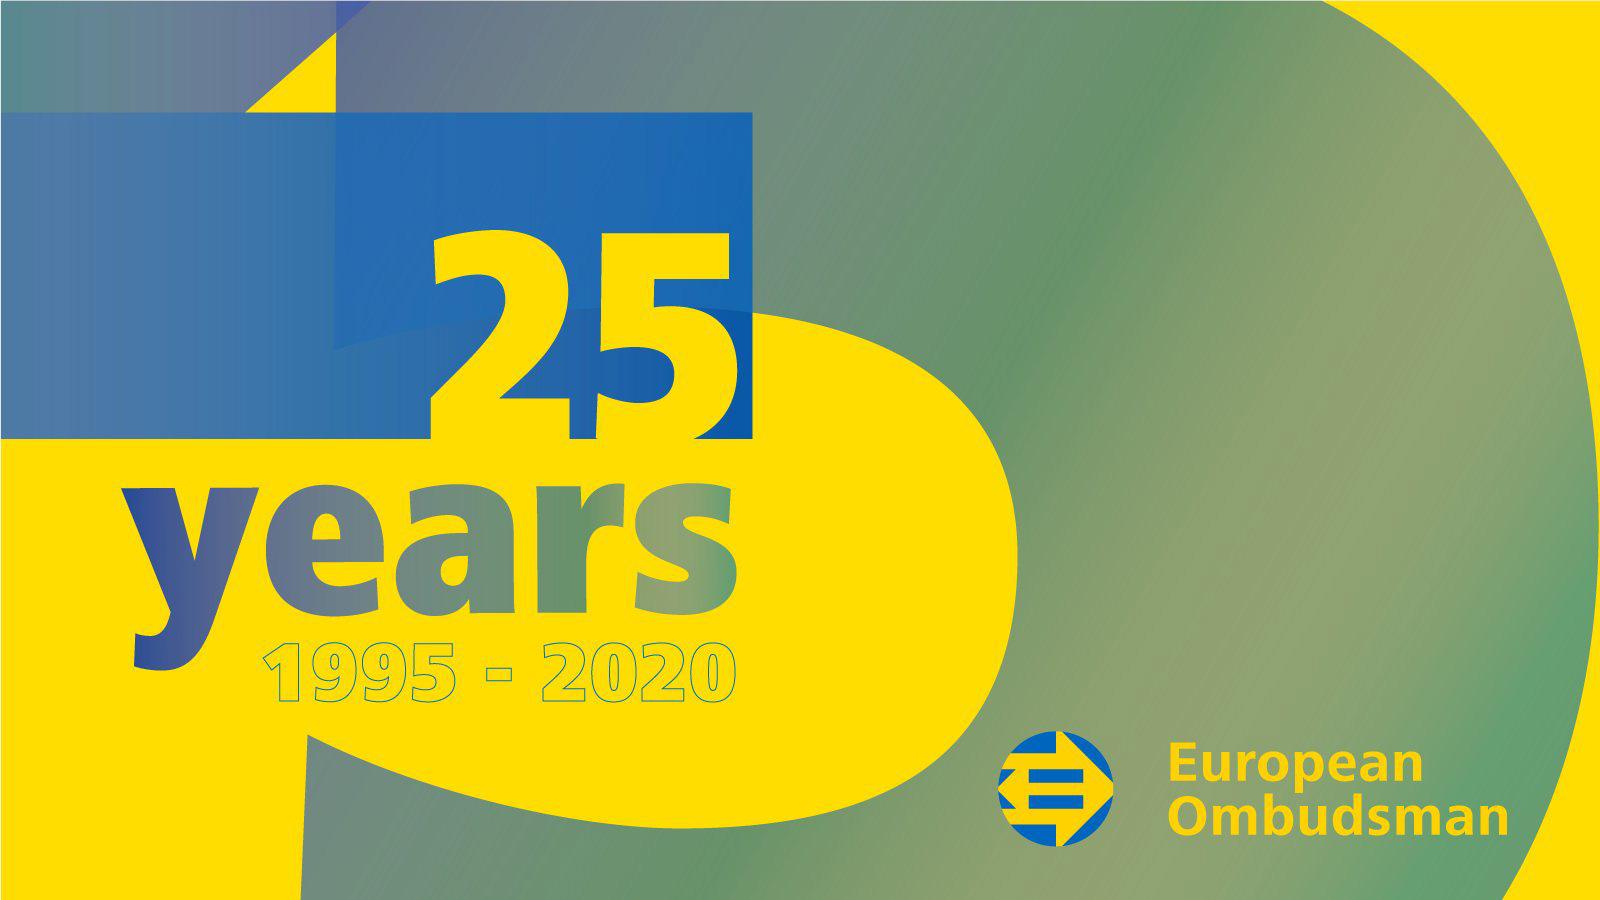 25-årskonferens